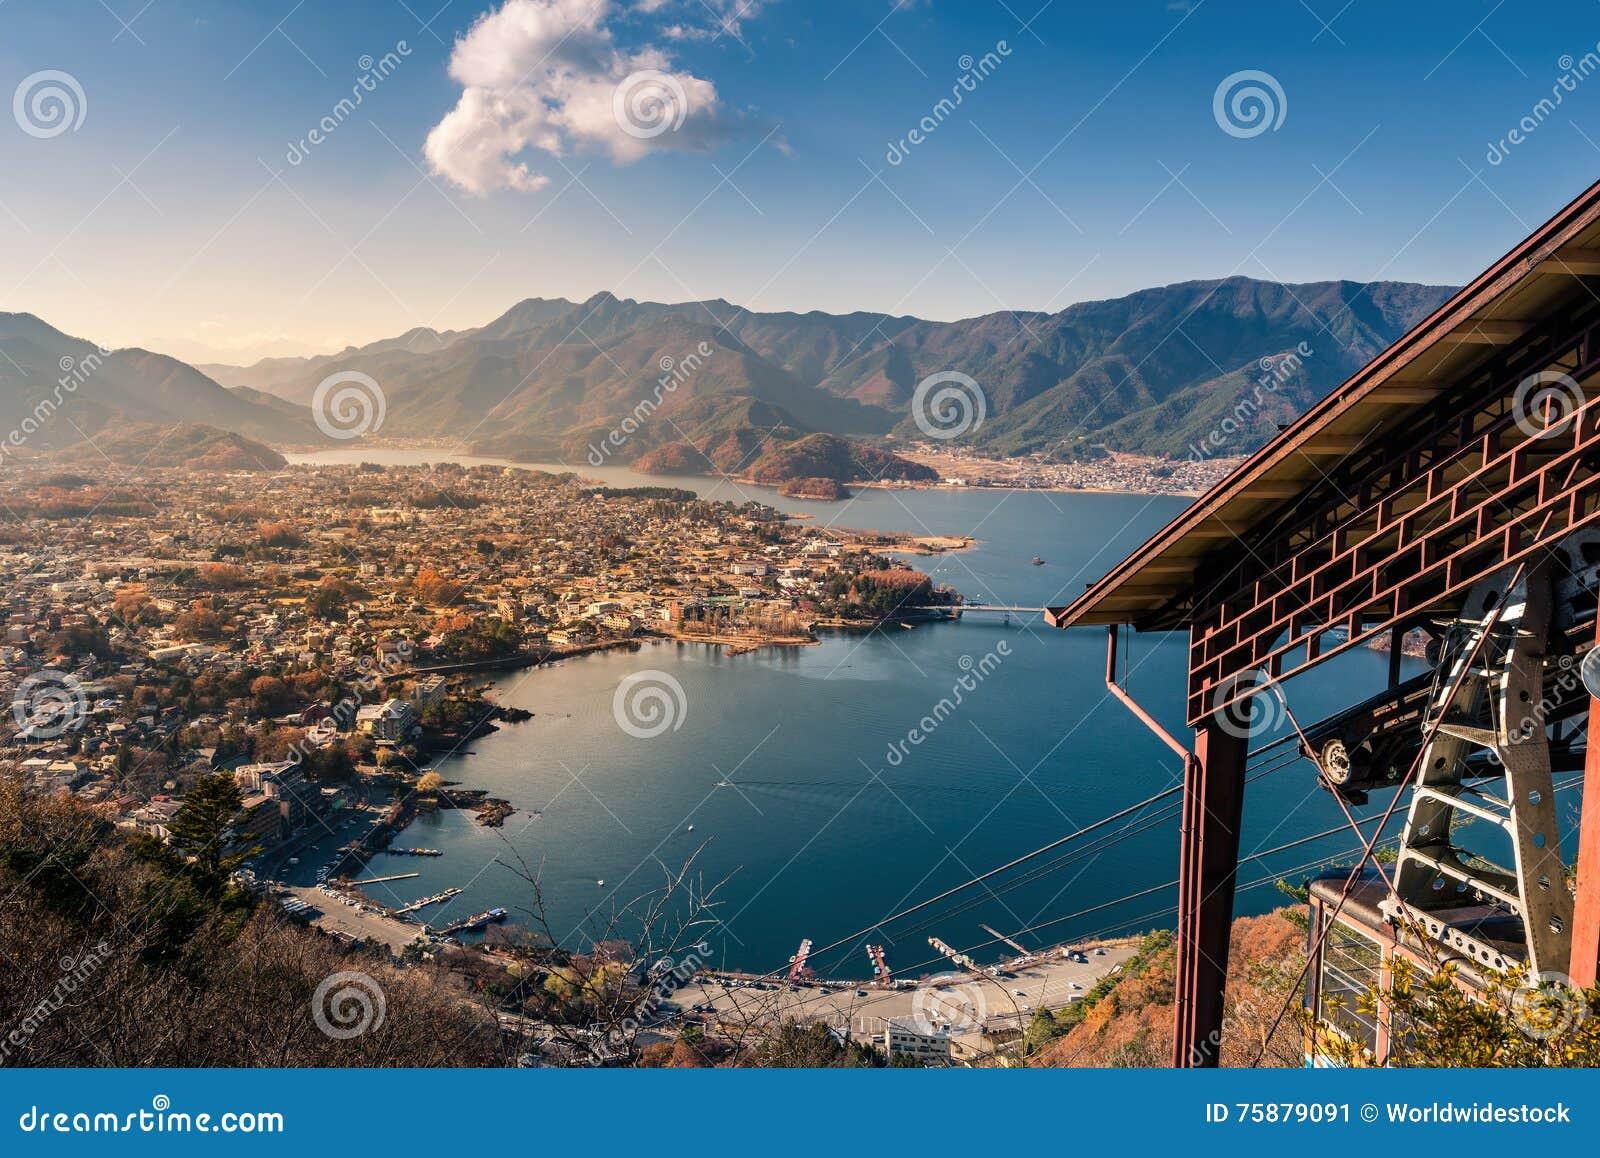 Lake kawaguchi and village viewed from Mt. Kachi Kachi Ropeway